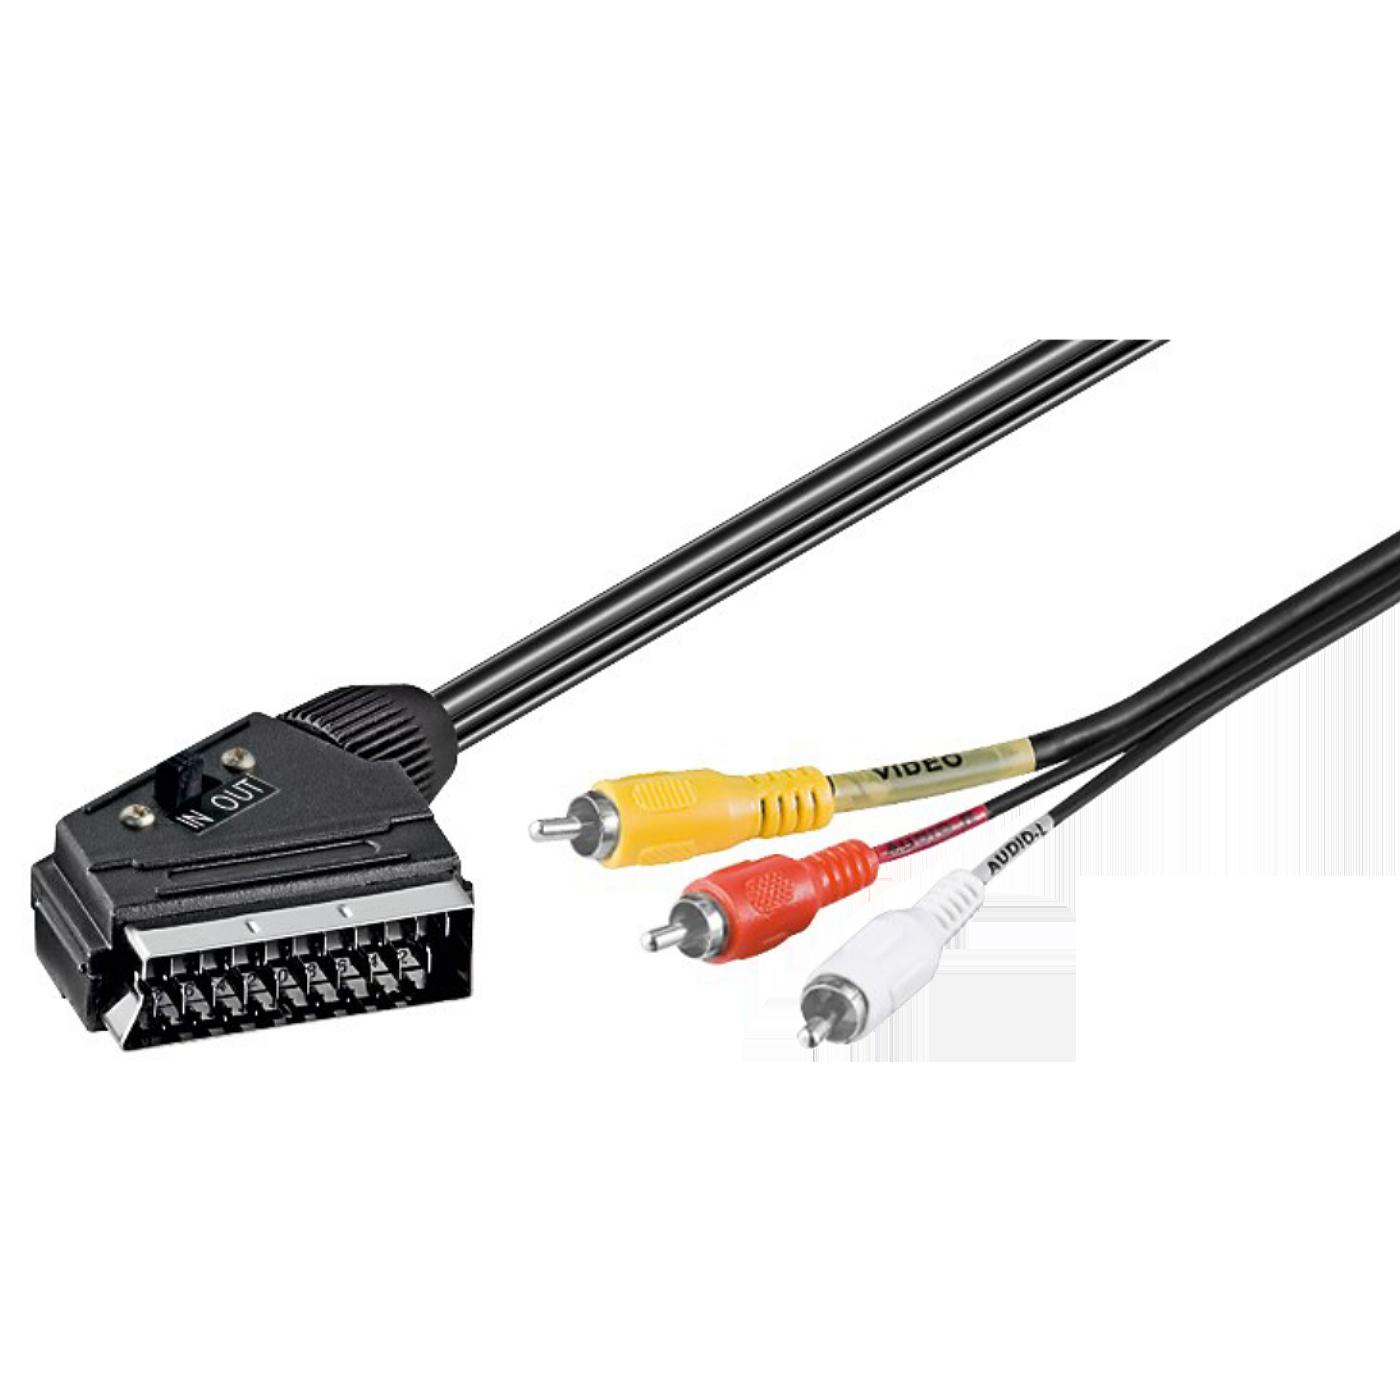 Scart - RCA (činč) kabl sa prekidačem, 1.5 met